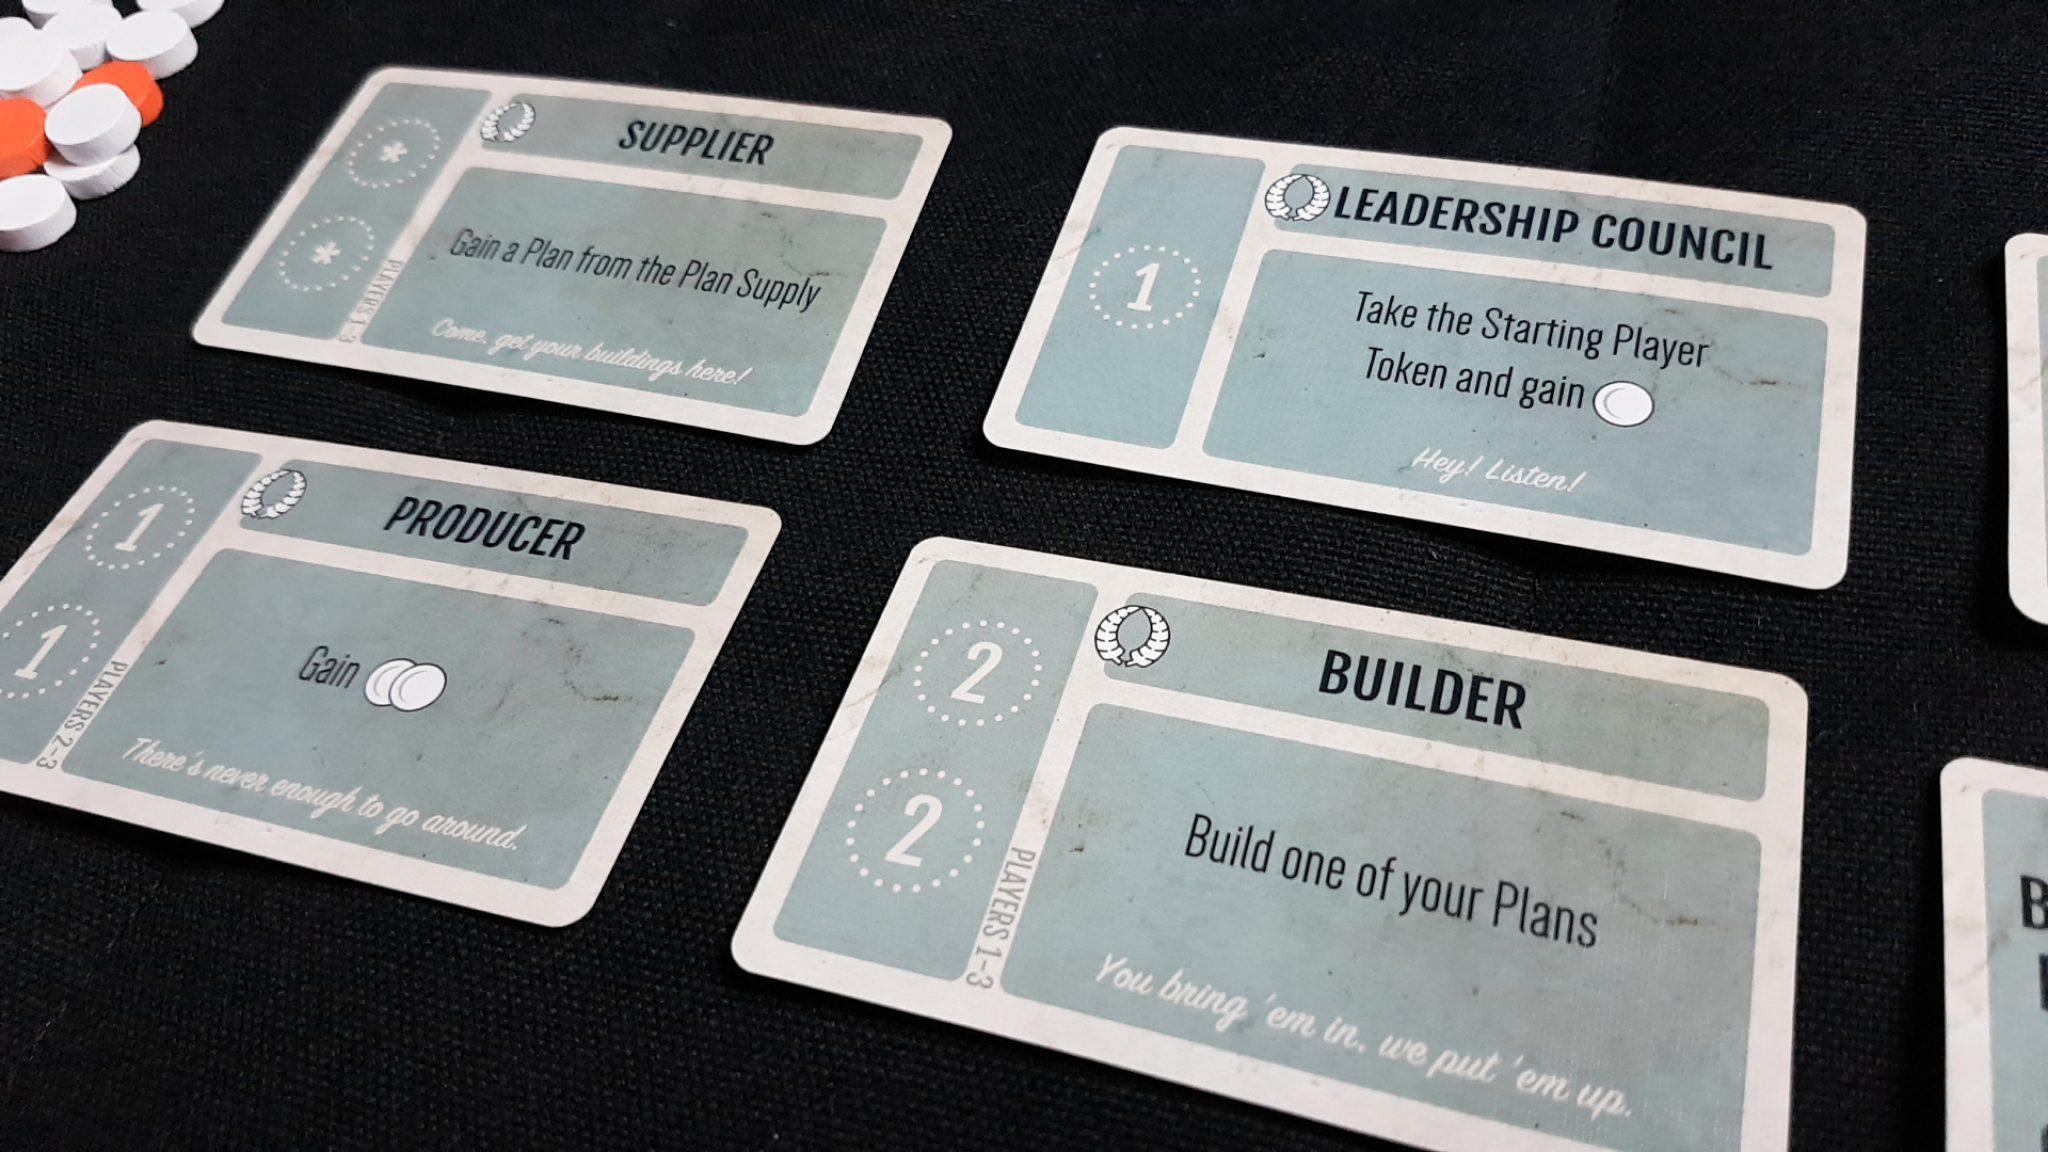 Leadership council card